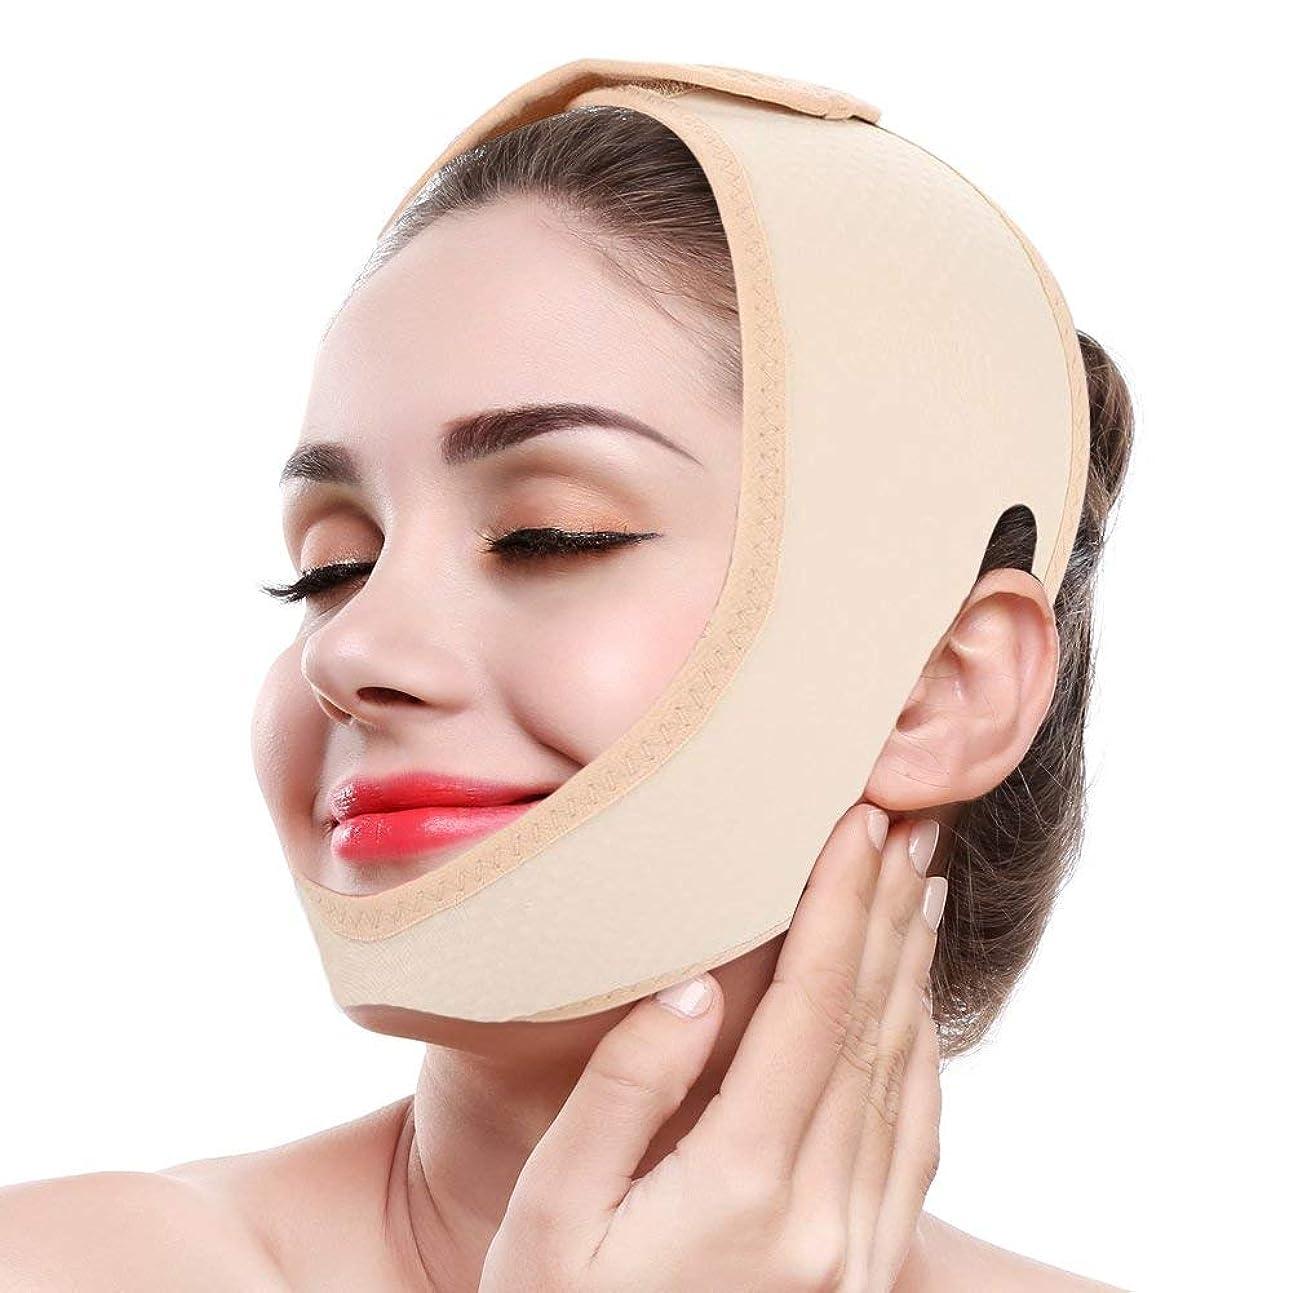 経験的優雅な不足Vラインマスク、フェイスリフトバンドフェイシャルスリミングダブルチンストラップ減量ベルトスキンケアチンリフティングファーミングラップ